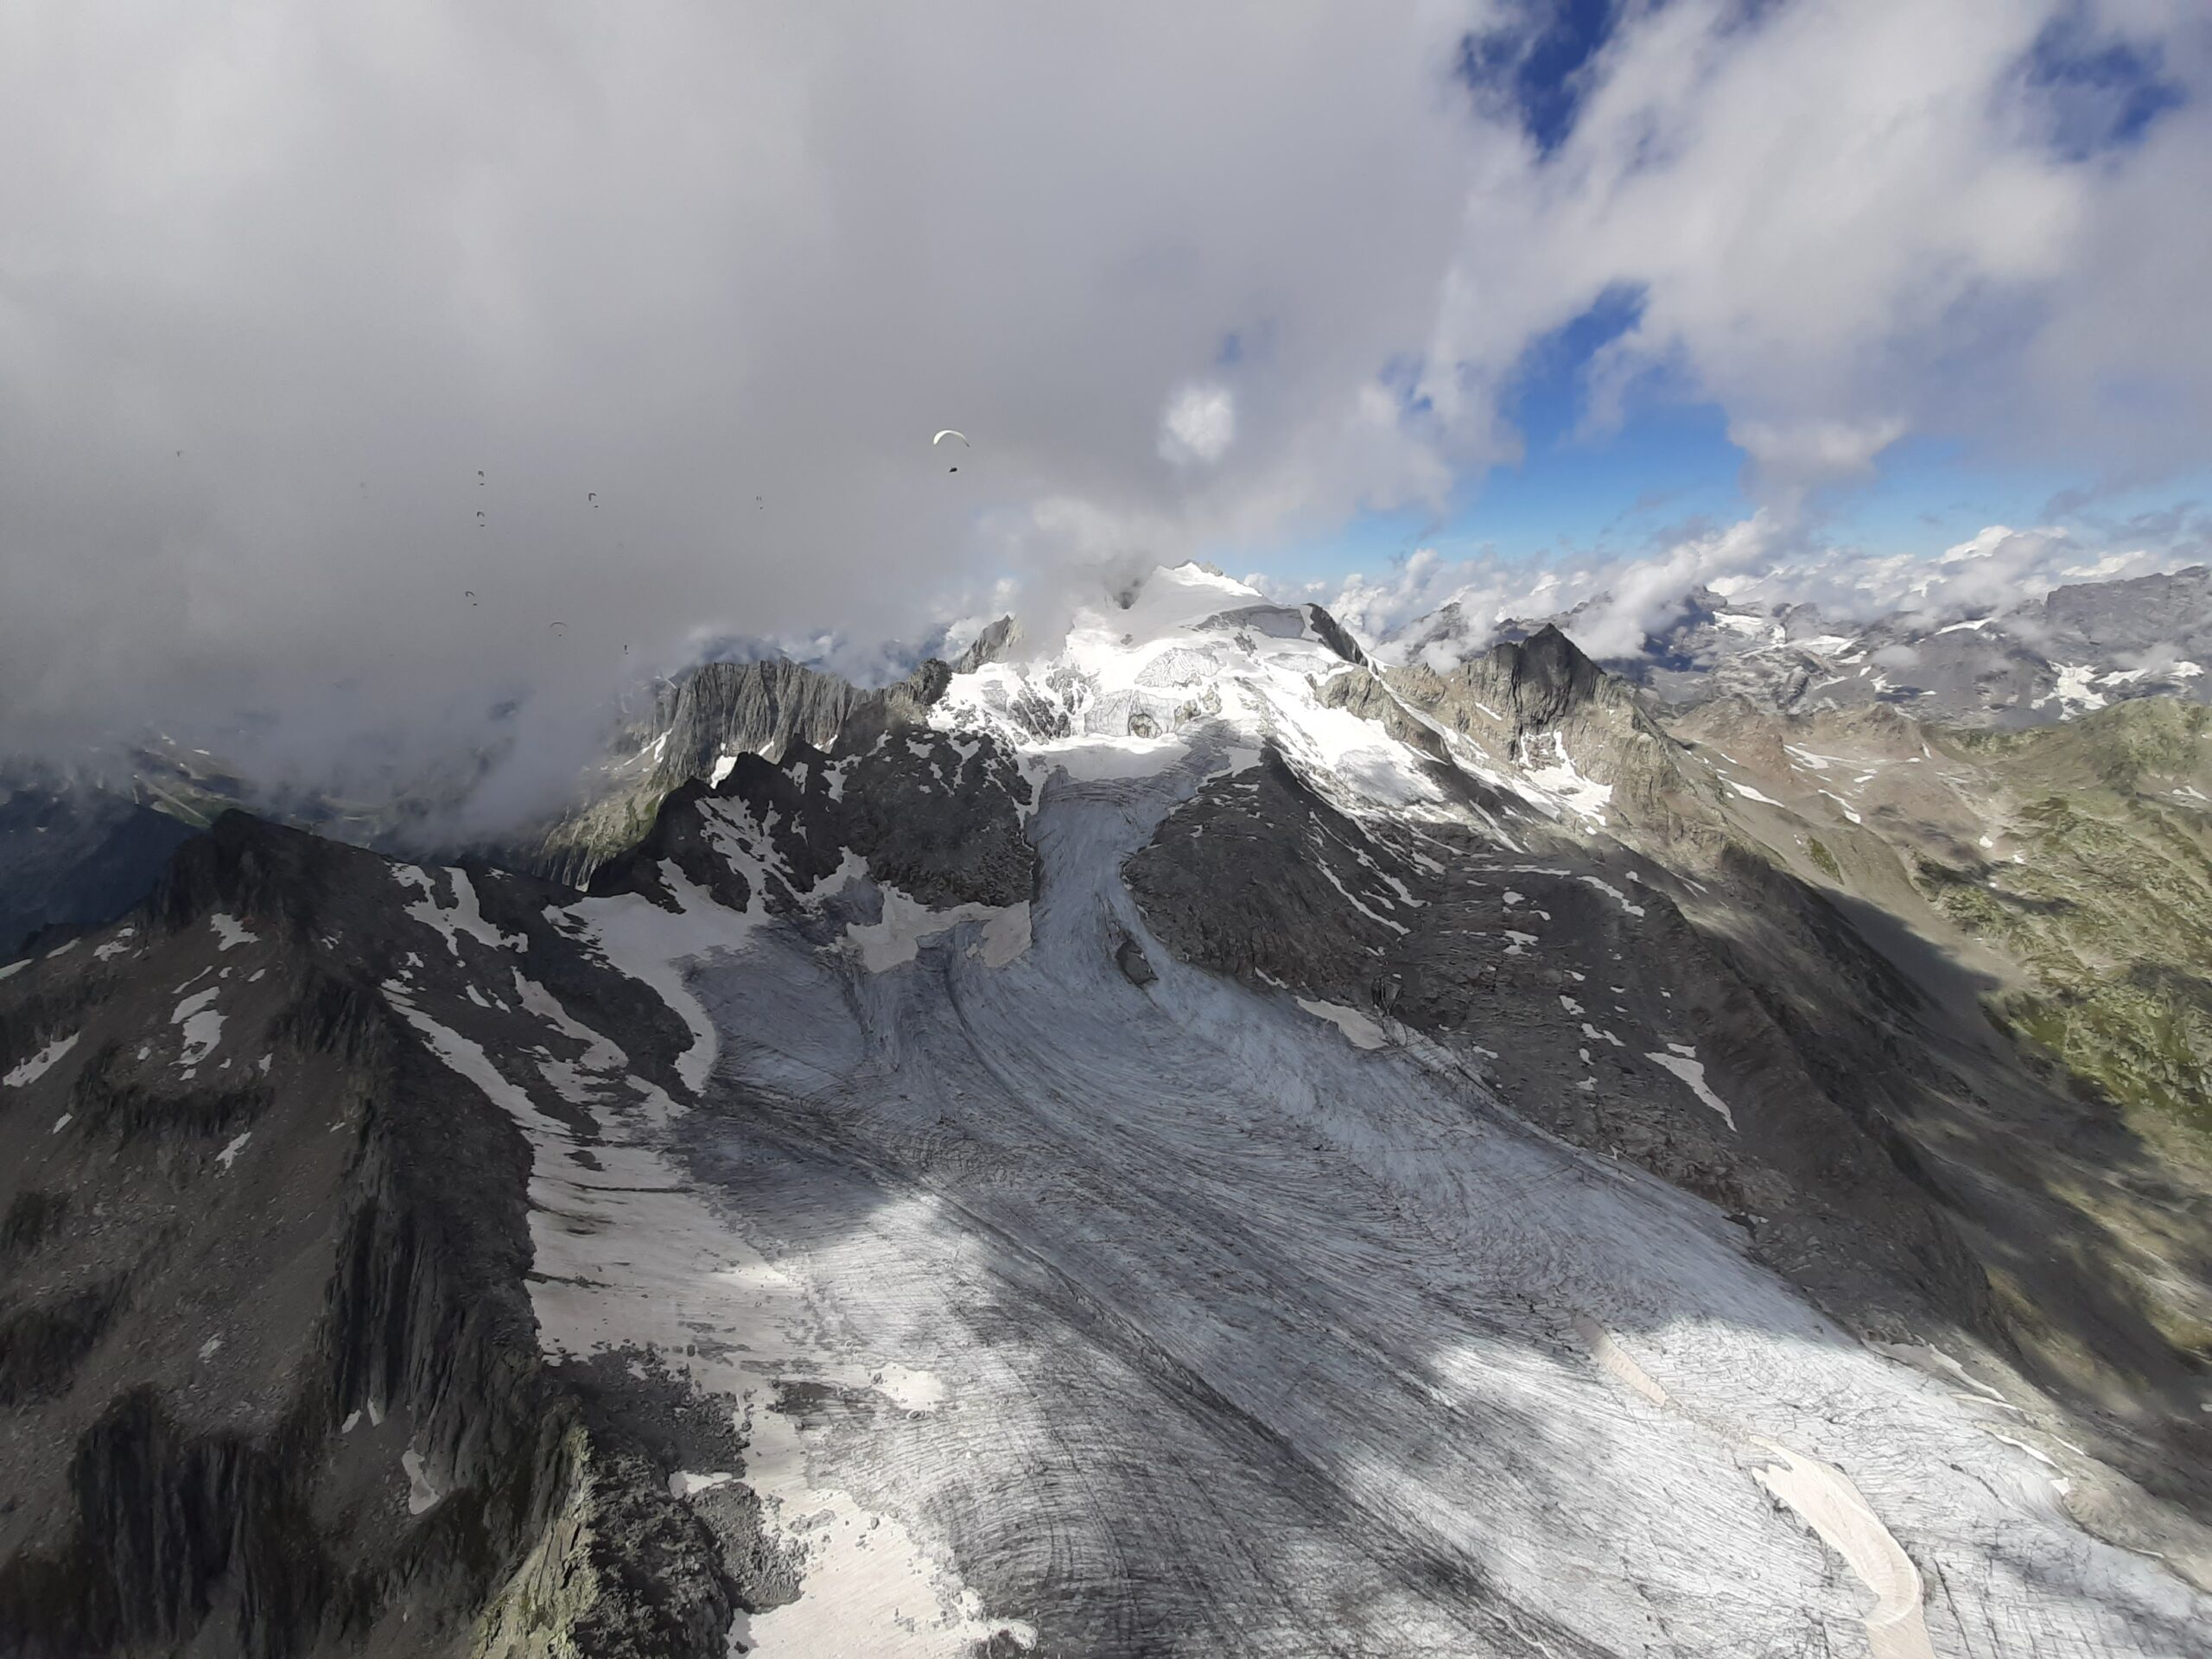 PWC Disentis, Švica: Ne šparamo!